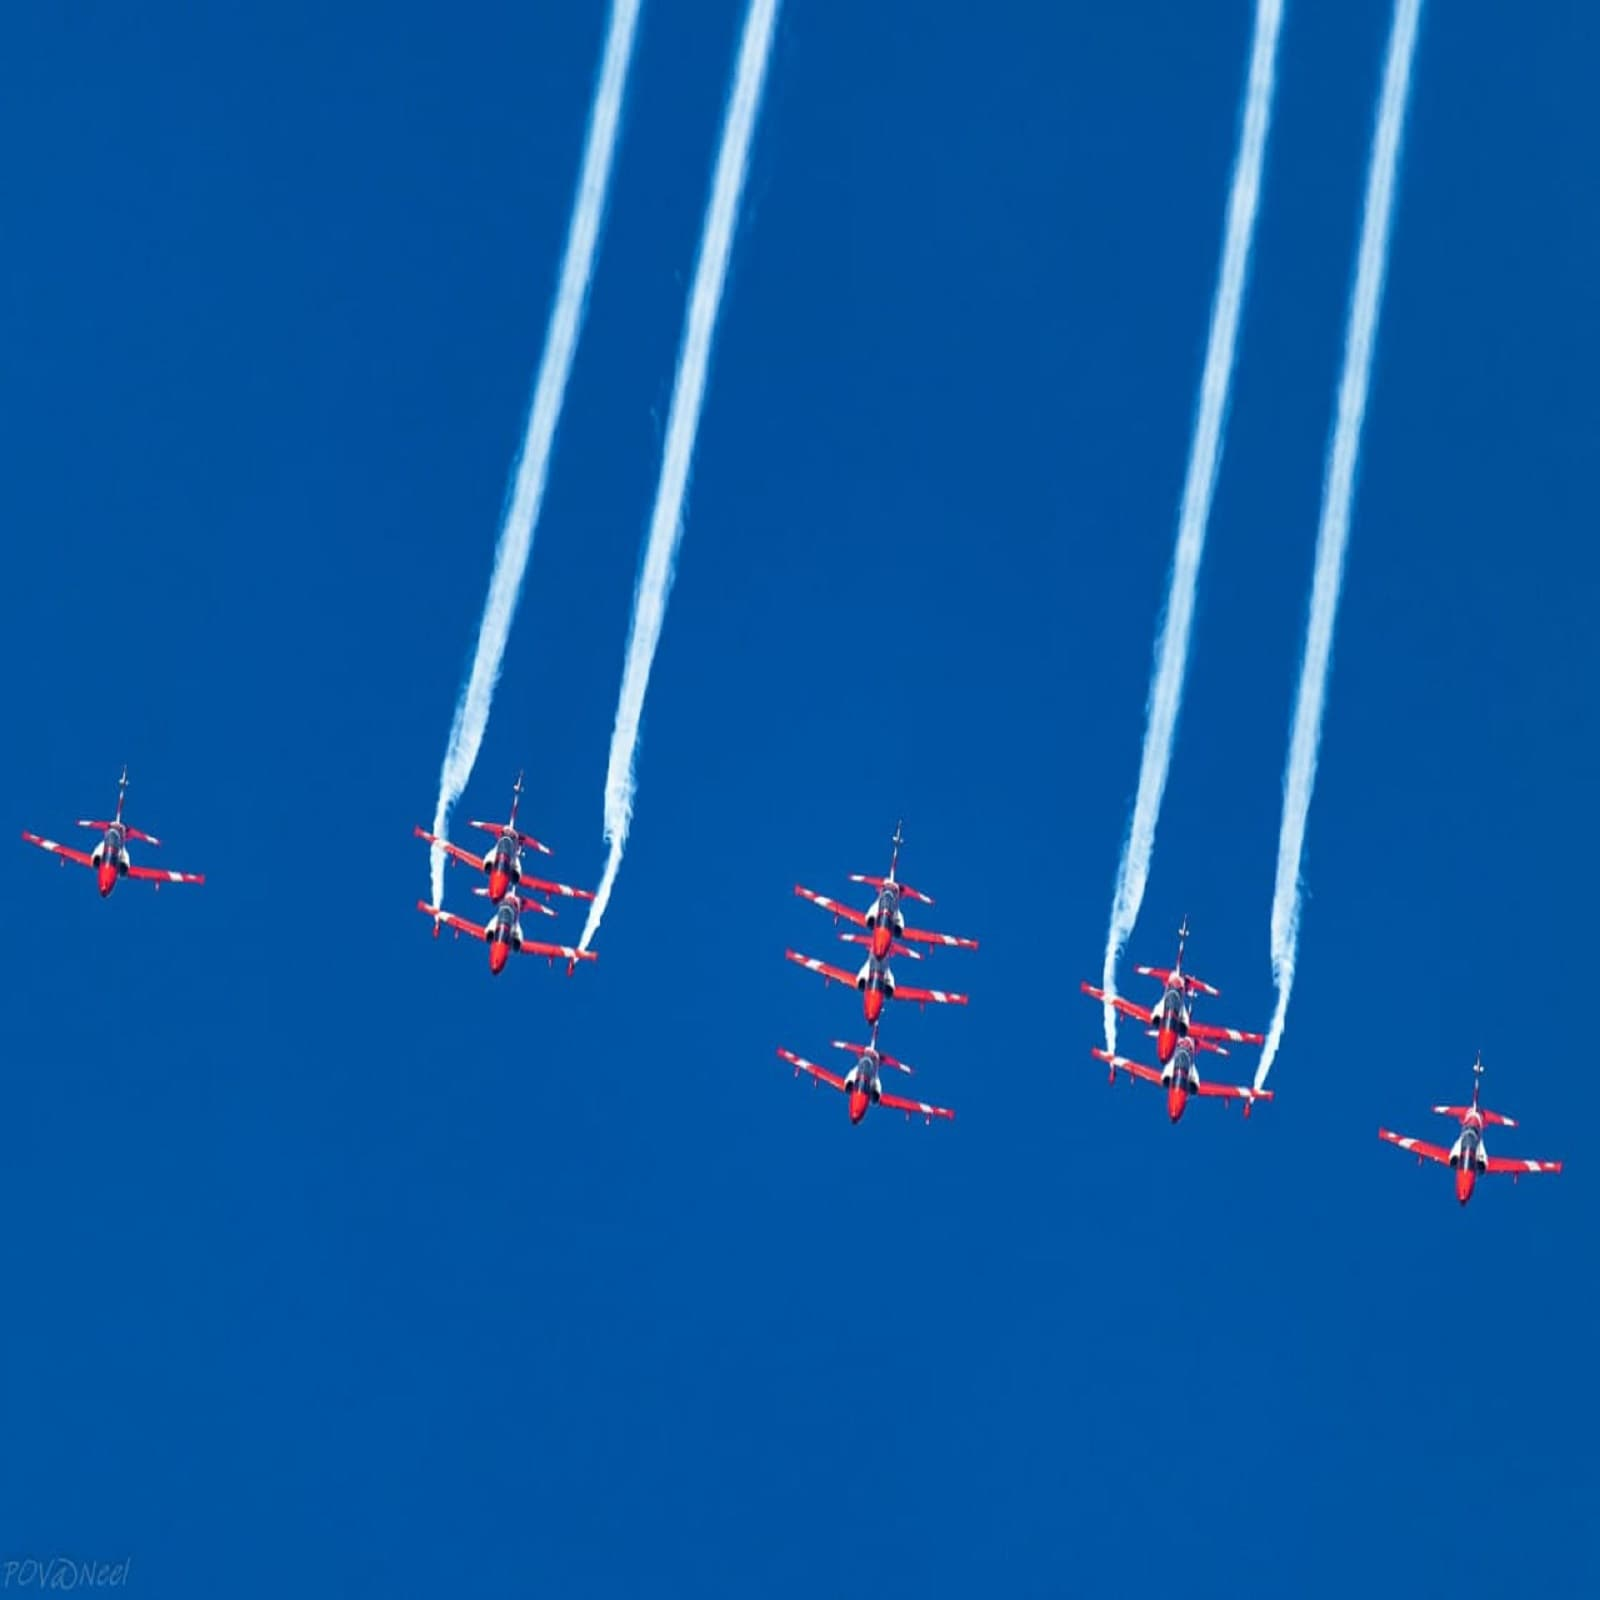 इस एयर शो में भारतीय वायुसेना के विभिन्न विमानों का फ्लाईपास्ट शामिल हुआ. दर्शकों ने पैरा-मोटर उड़ान और भारतीय वायुसेना की स्काई डाइविंग टीम 'आकाश गंगा' को भी देखा. (फोटो साभारः ट्विटर/@IAF_MCC)